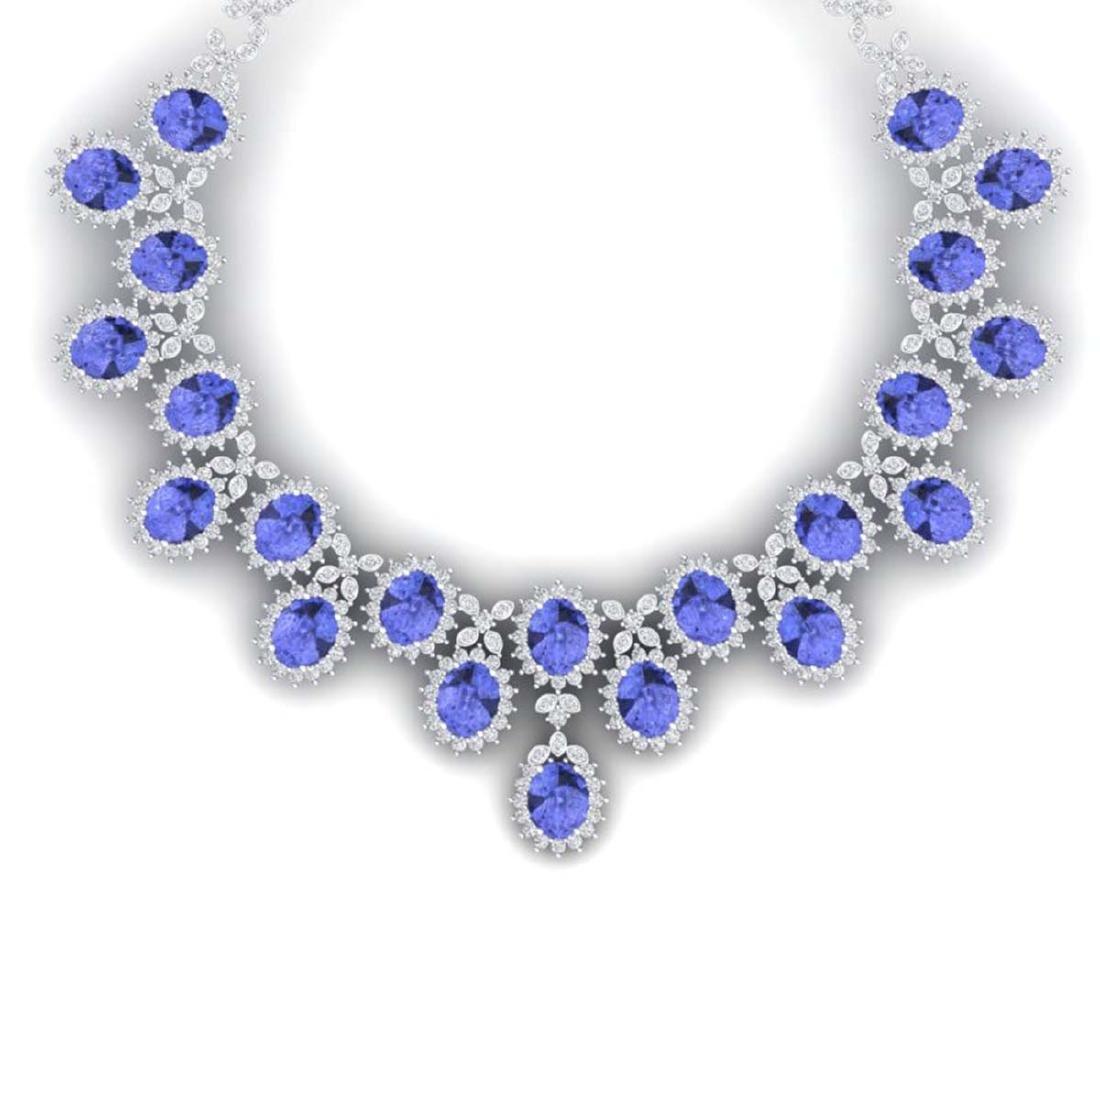 86 ctw Tanzanite & VS Diamond Necklace 18K White Gold -